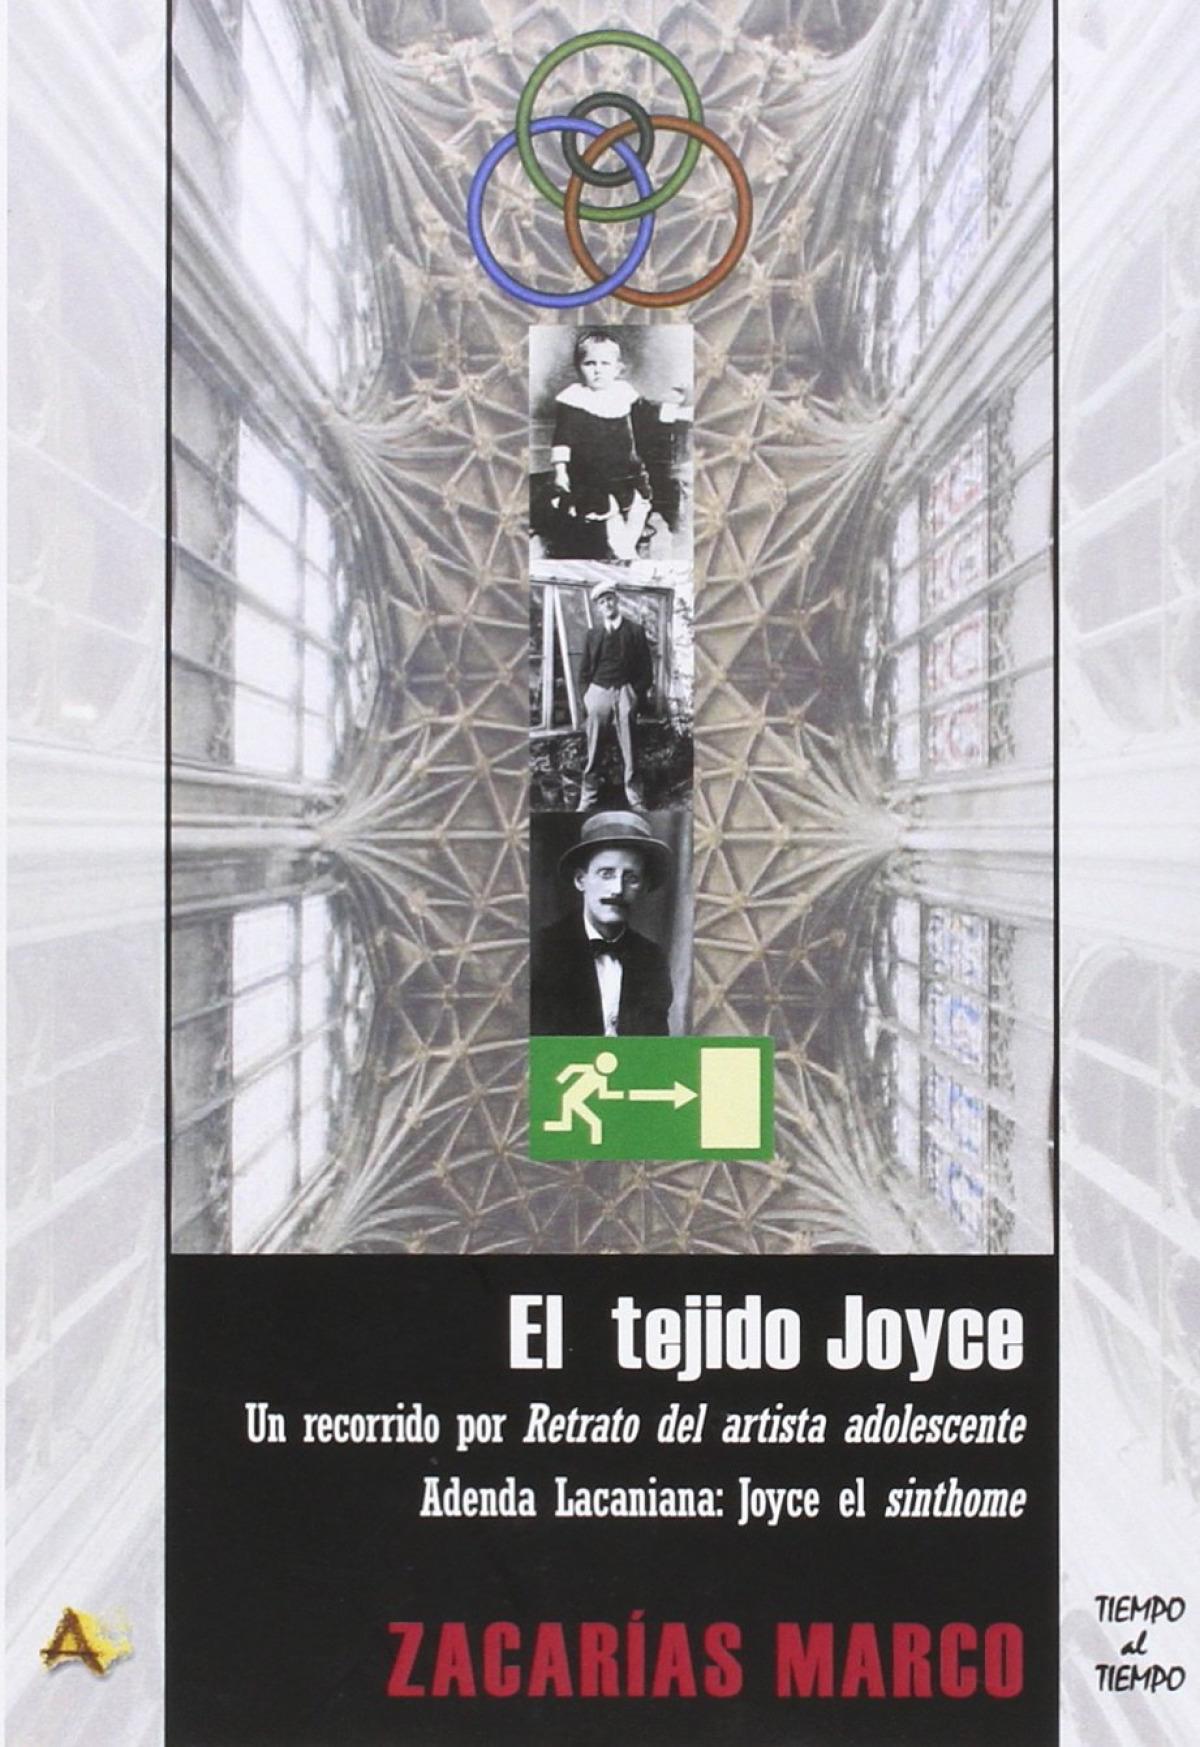 El tejido Joyce